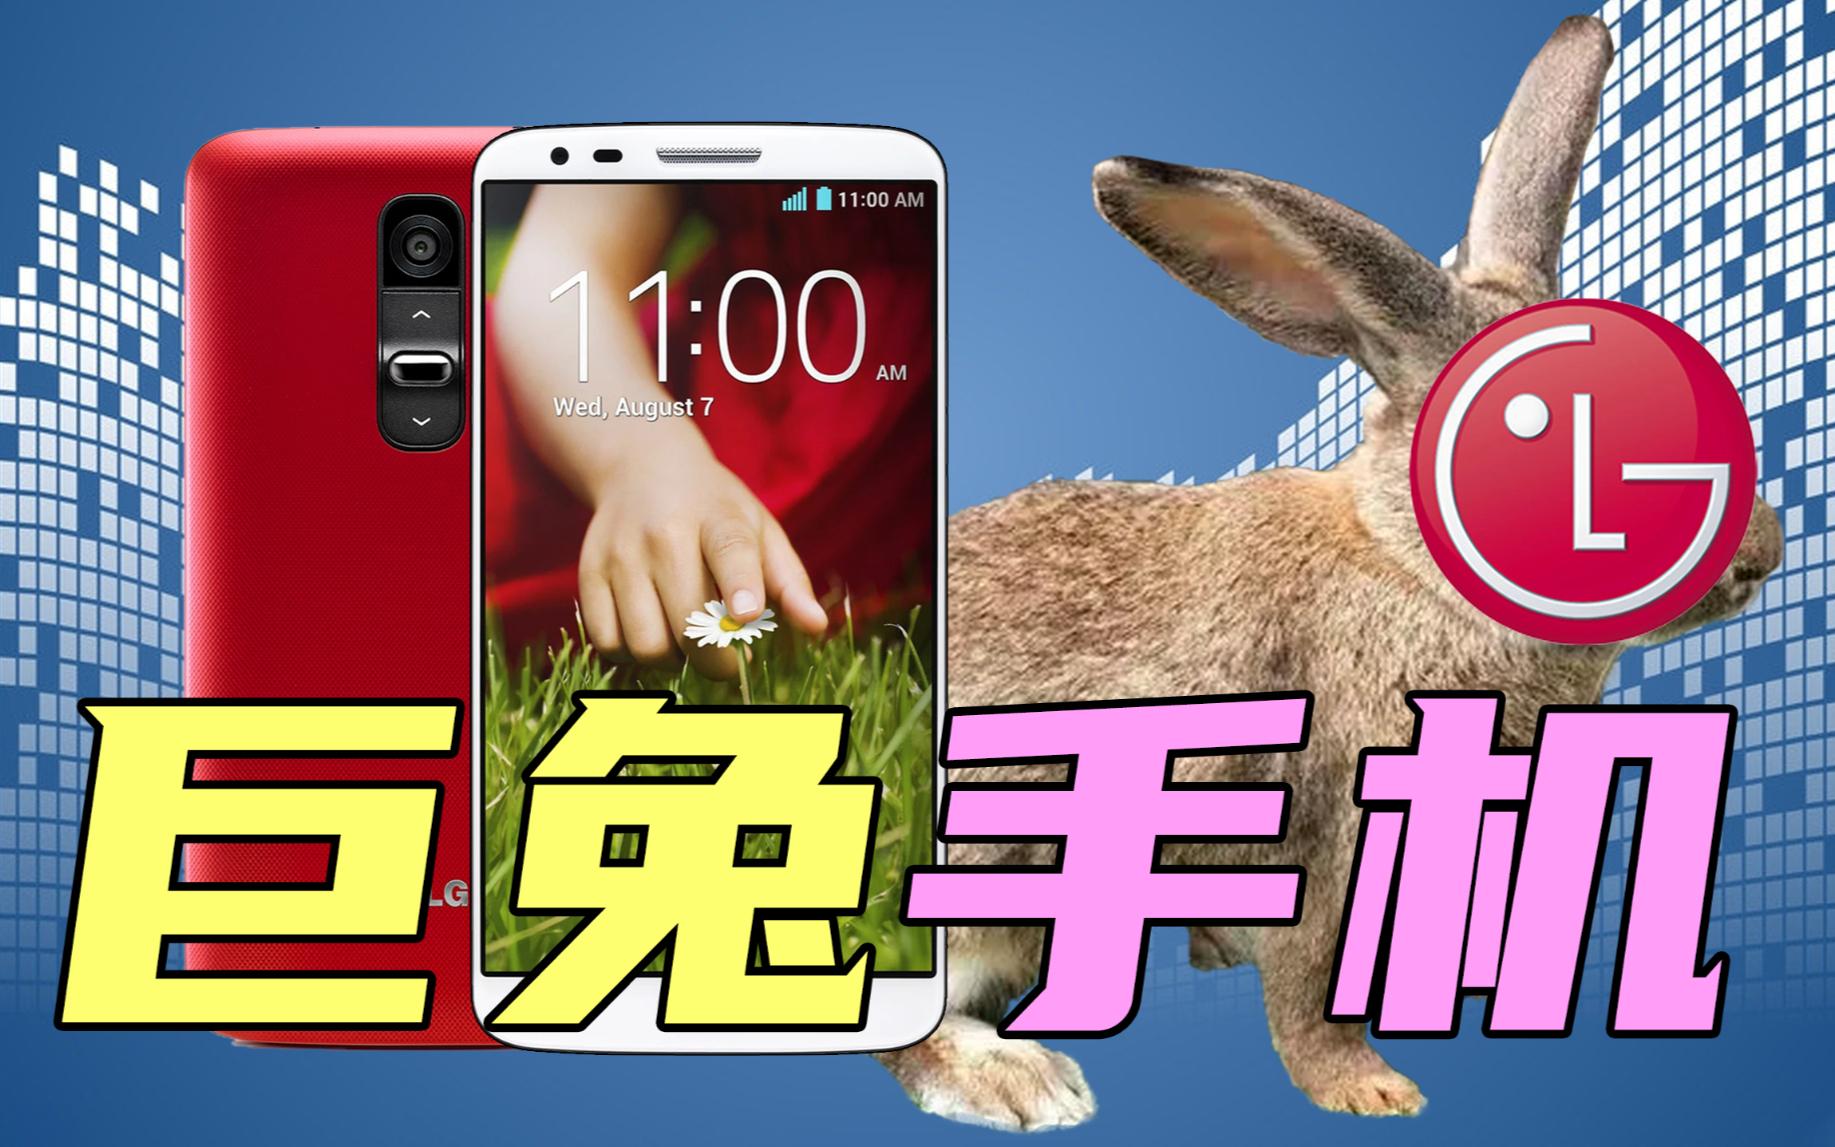 【旧的发布会】全球首创背部音量键!8年前的LG手机竟是亮屏鼻祖?